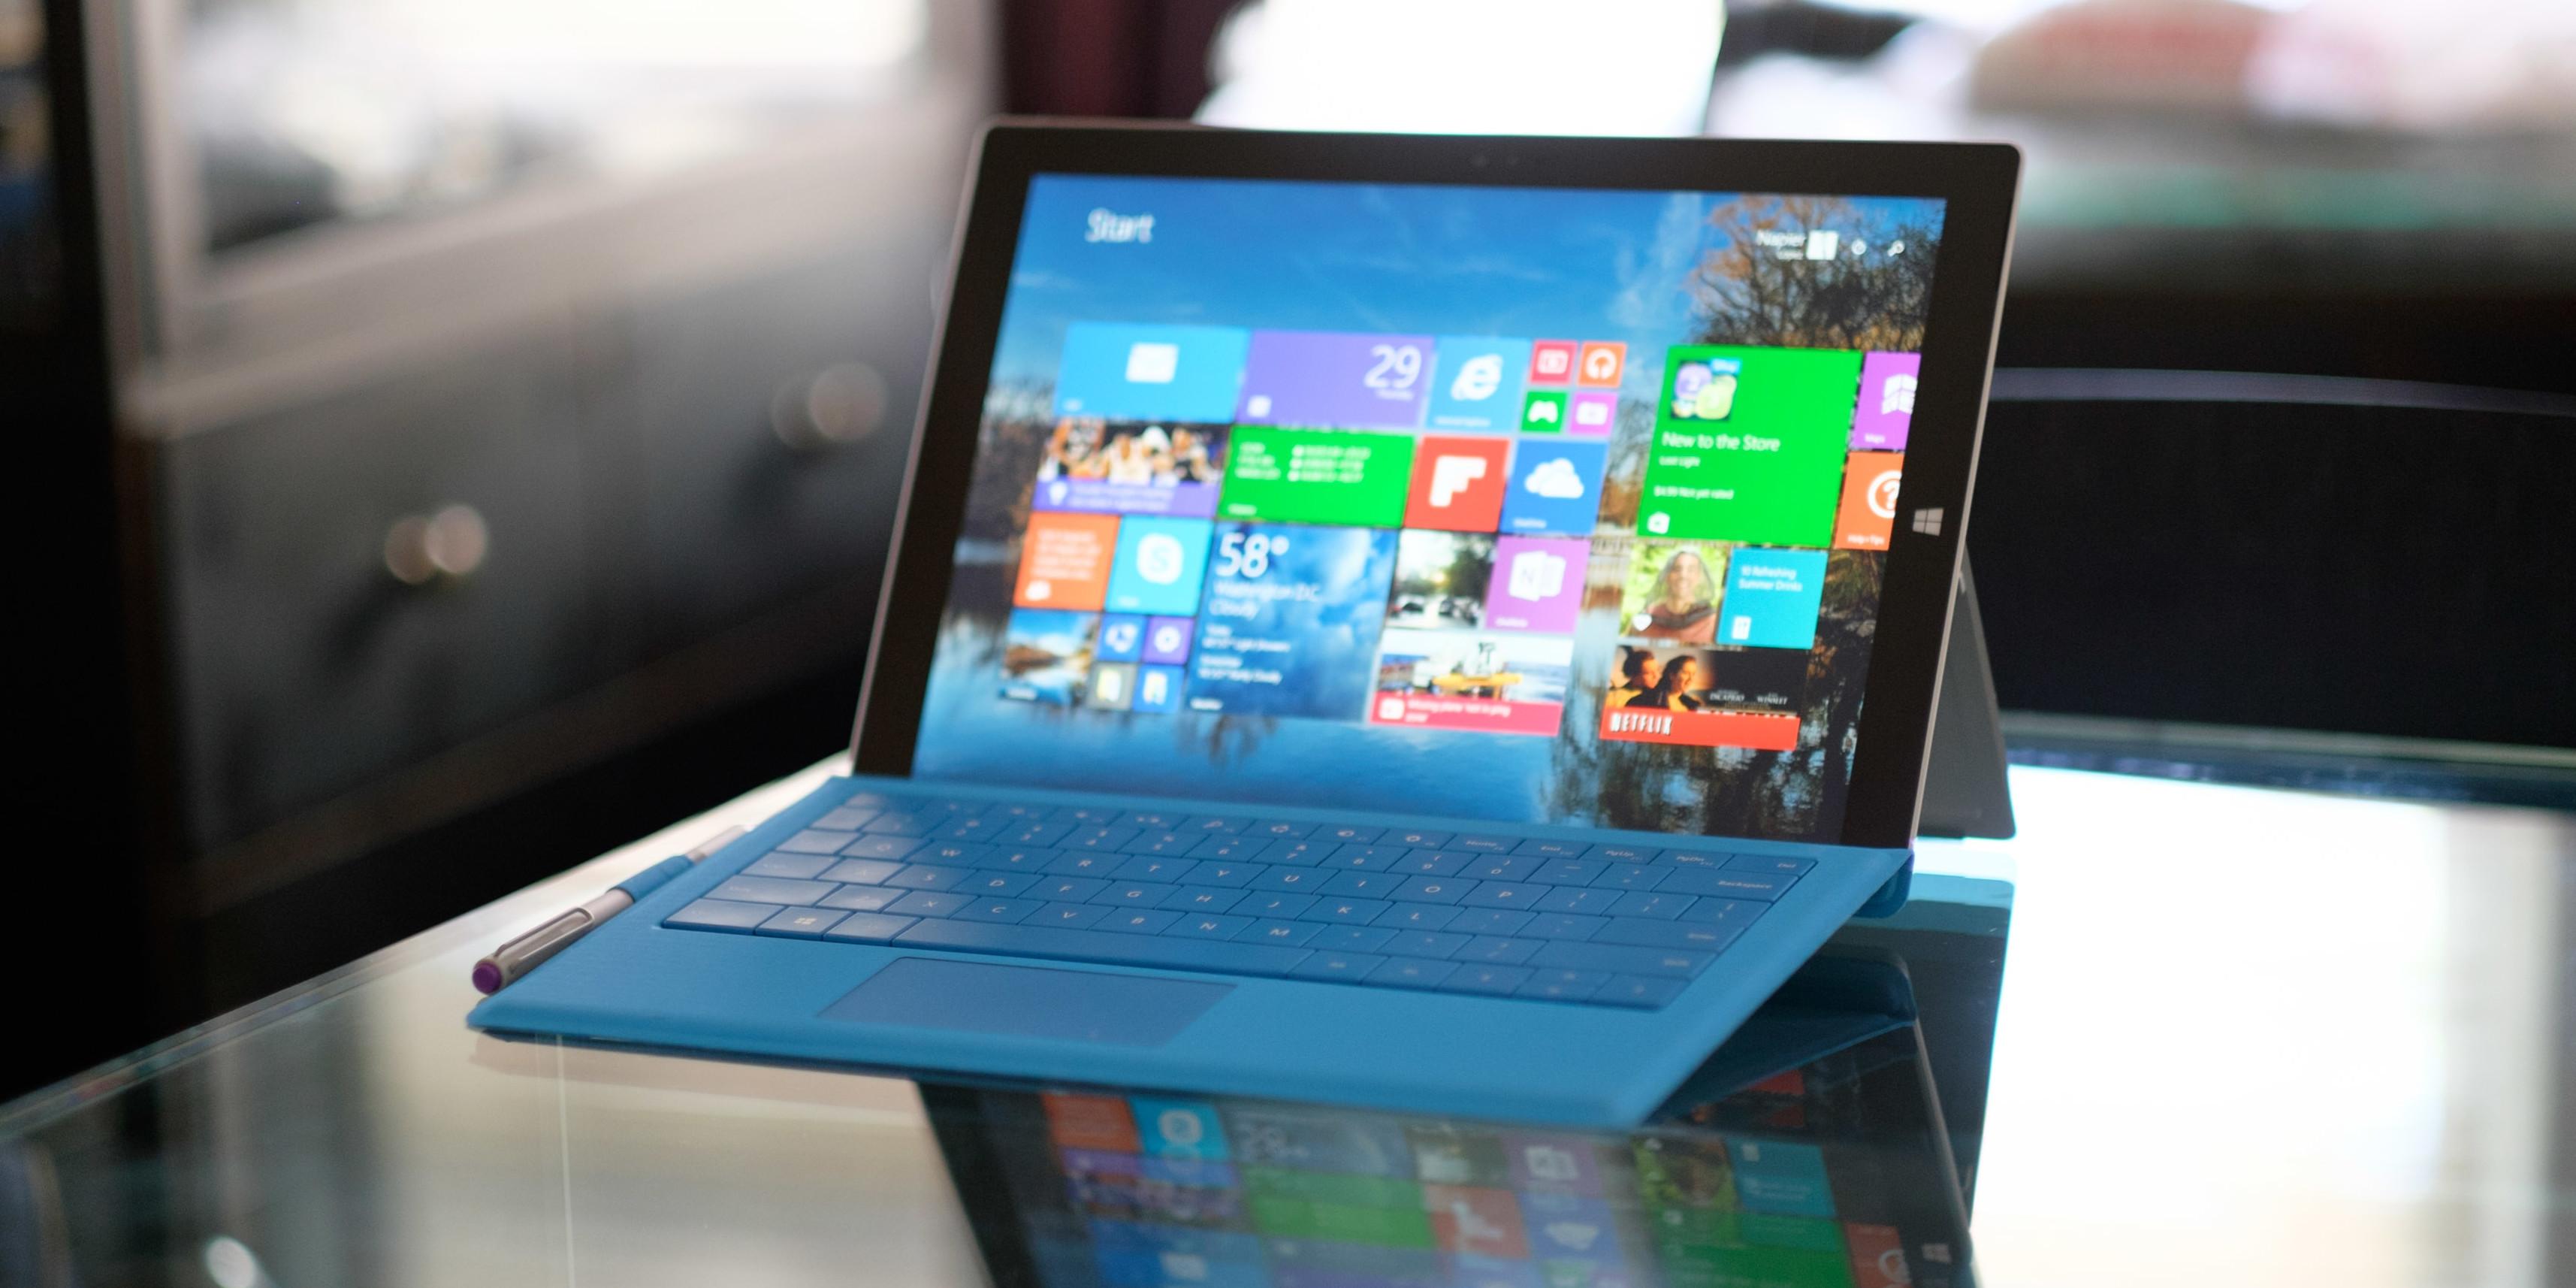 Dear Microsoft: When will the Surface get an external